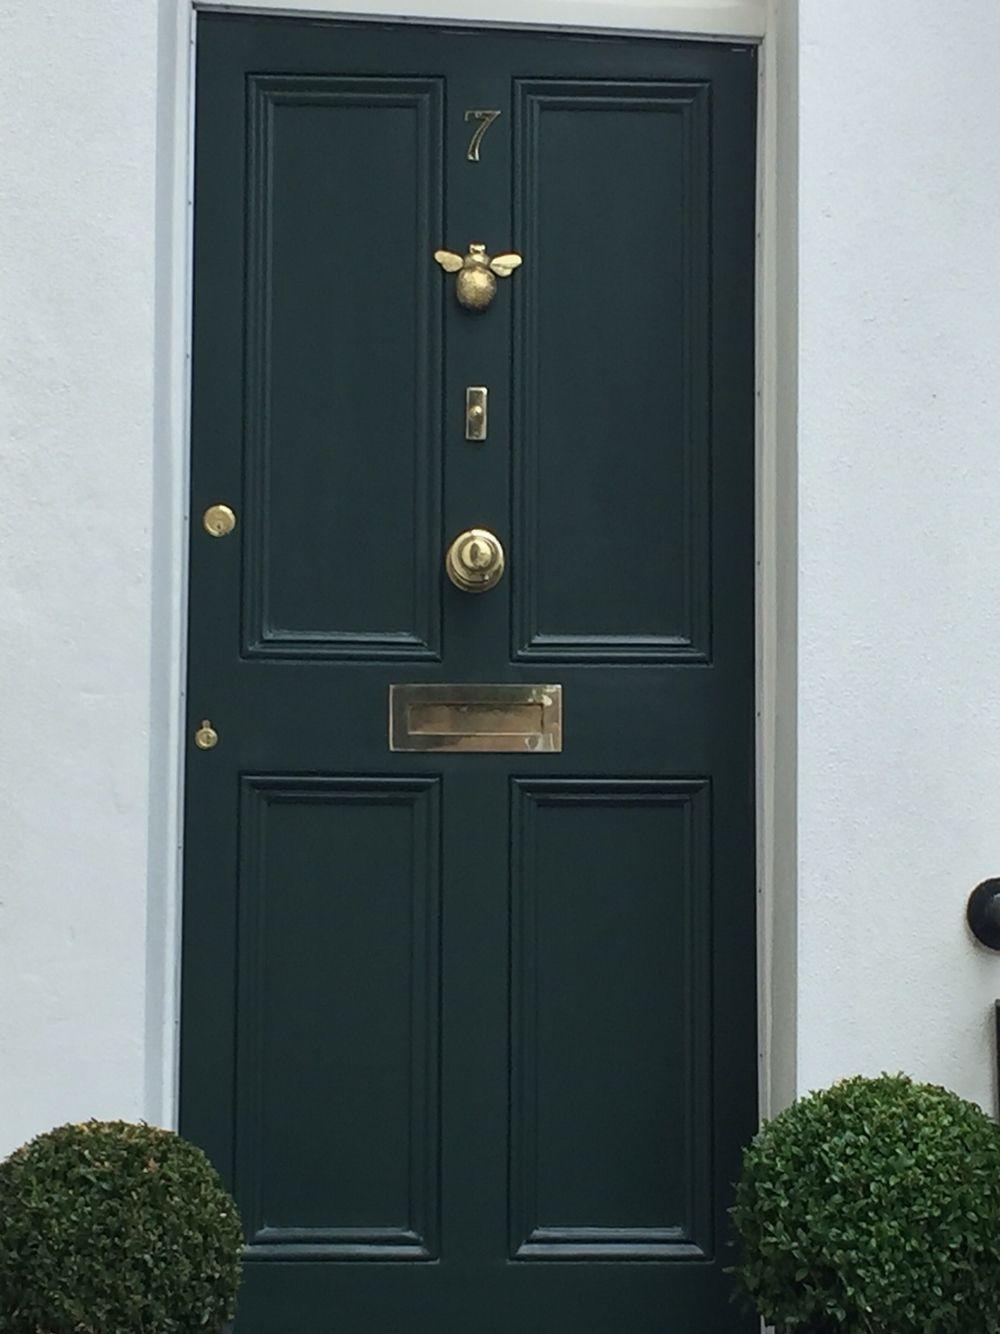 bee door knocker brass hallway apartment front doors. Black Bedroom Furniture Sets. Home Design Ideas